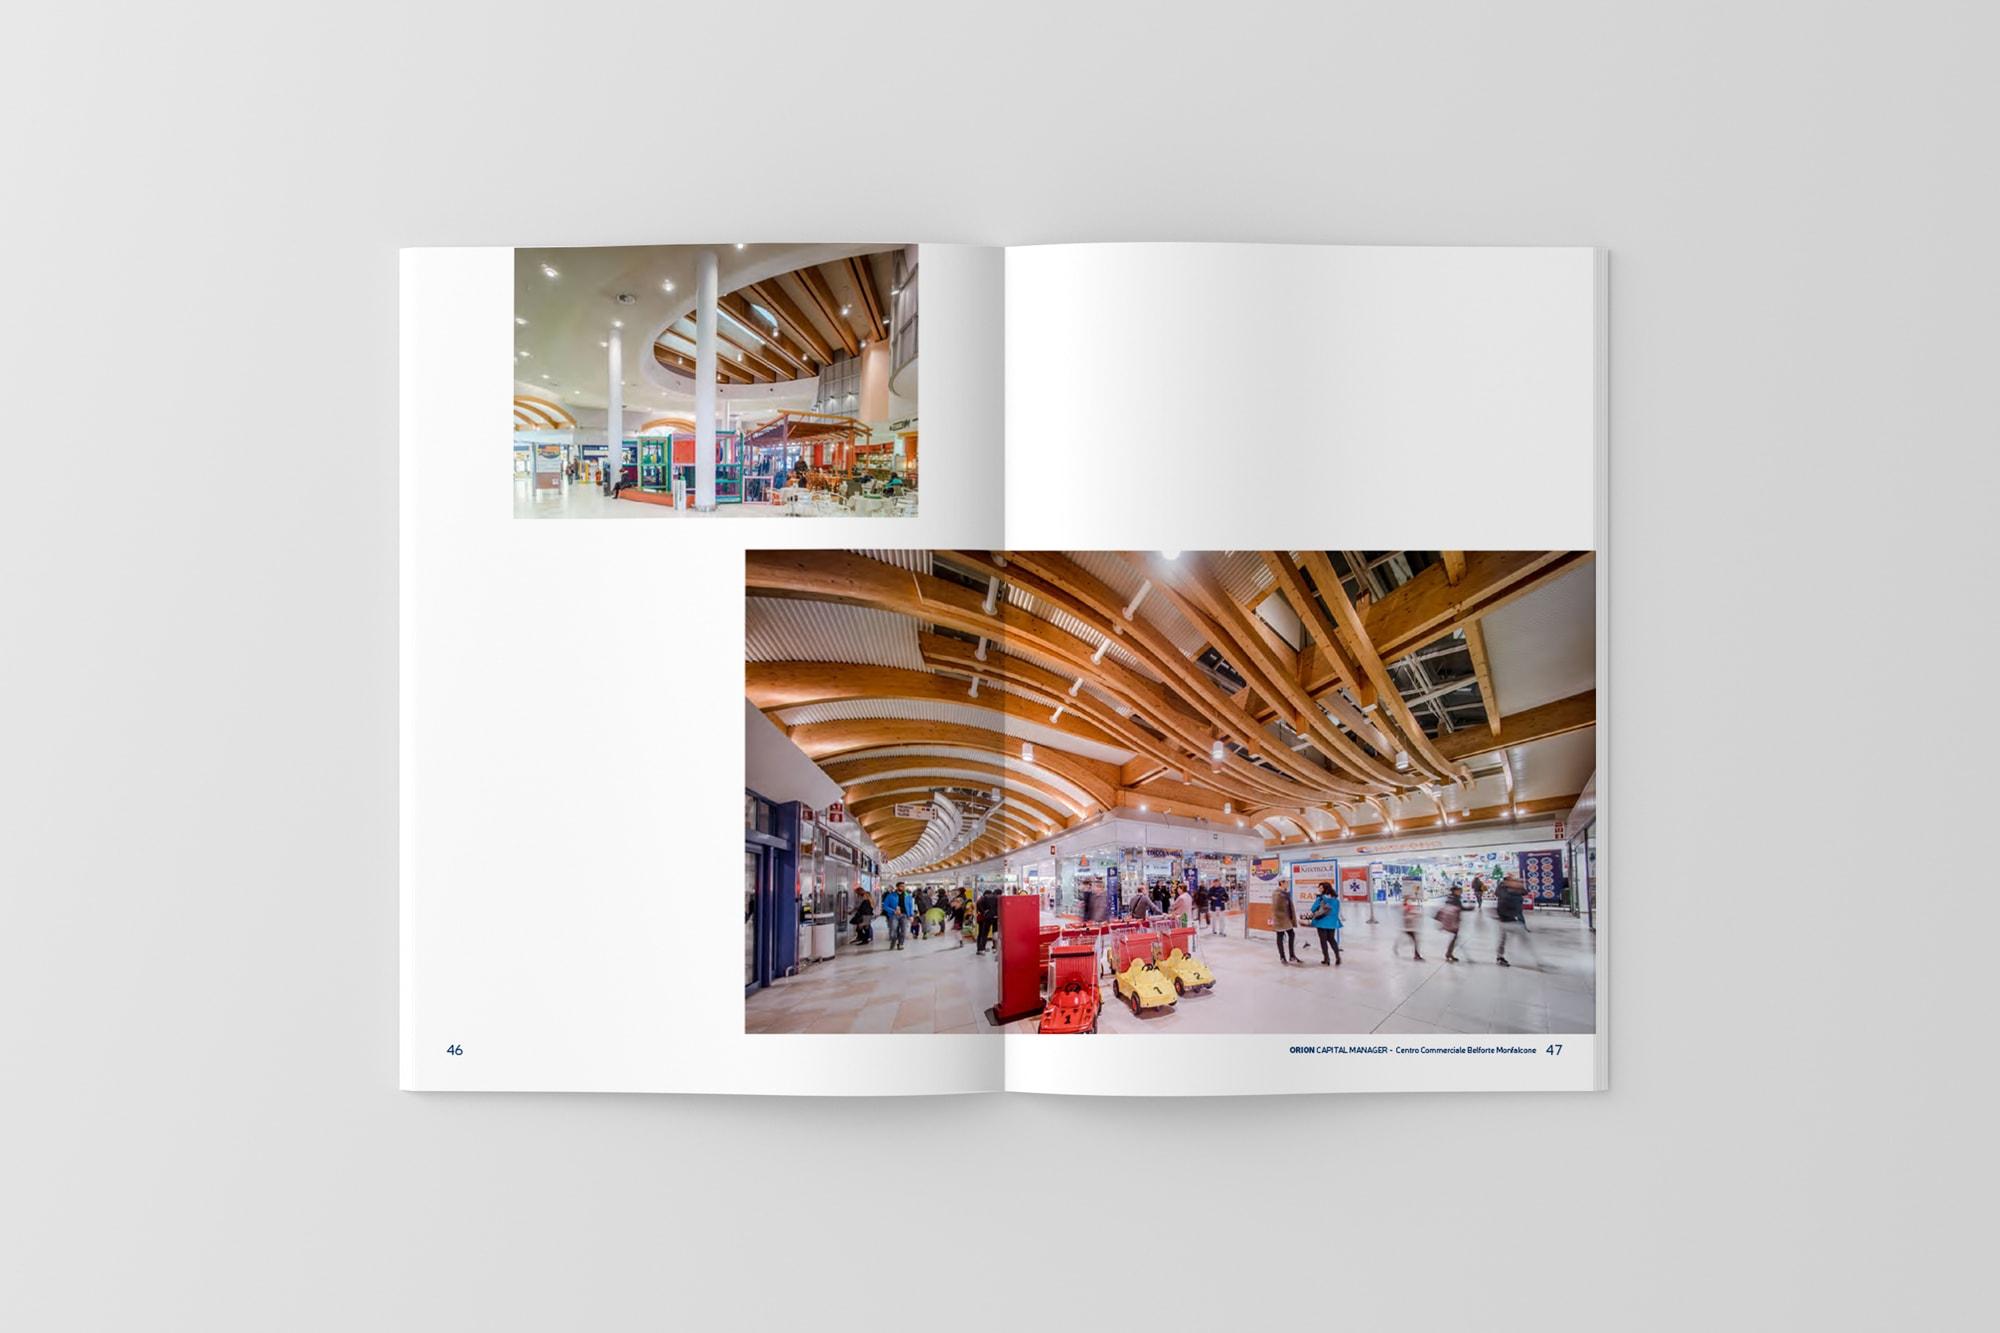 Orion Capital Manager | Servizio fotografico di Architettura e Brochure